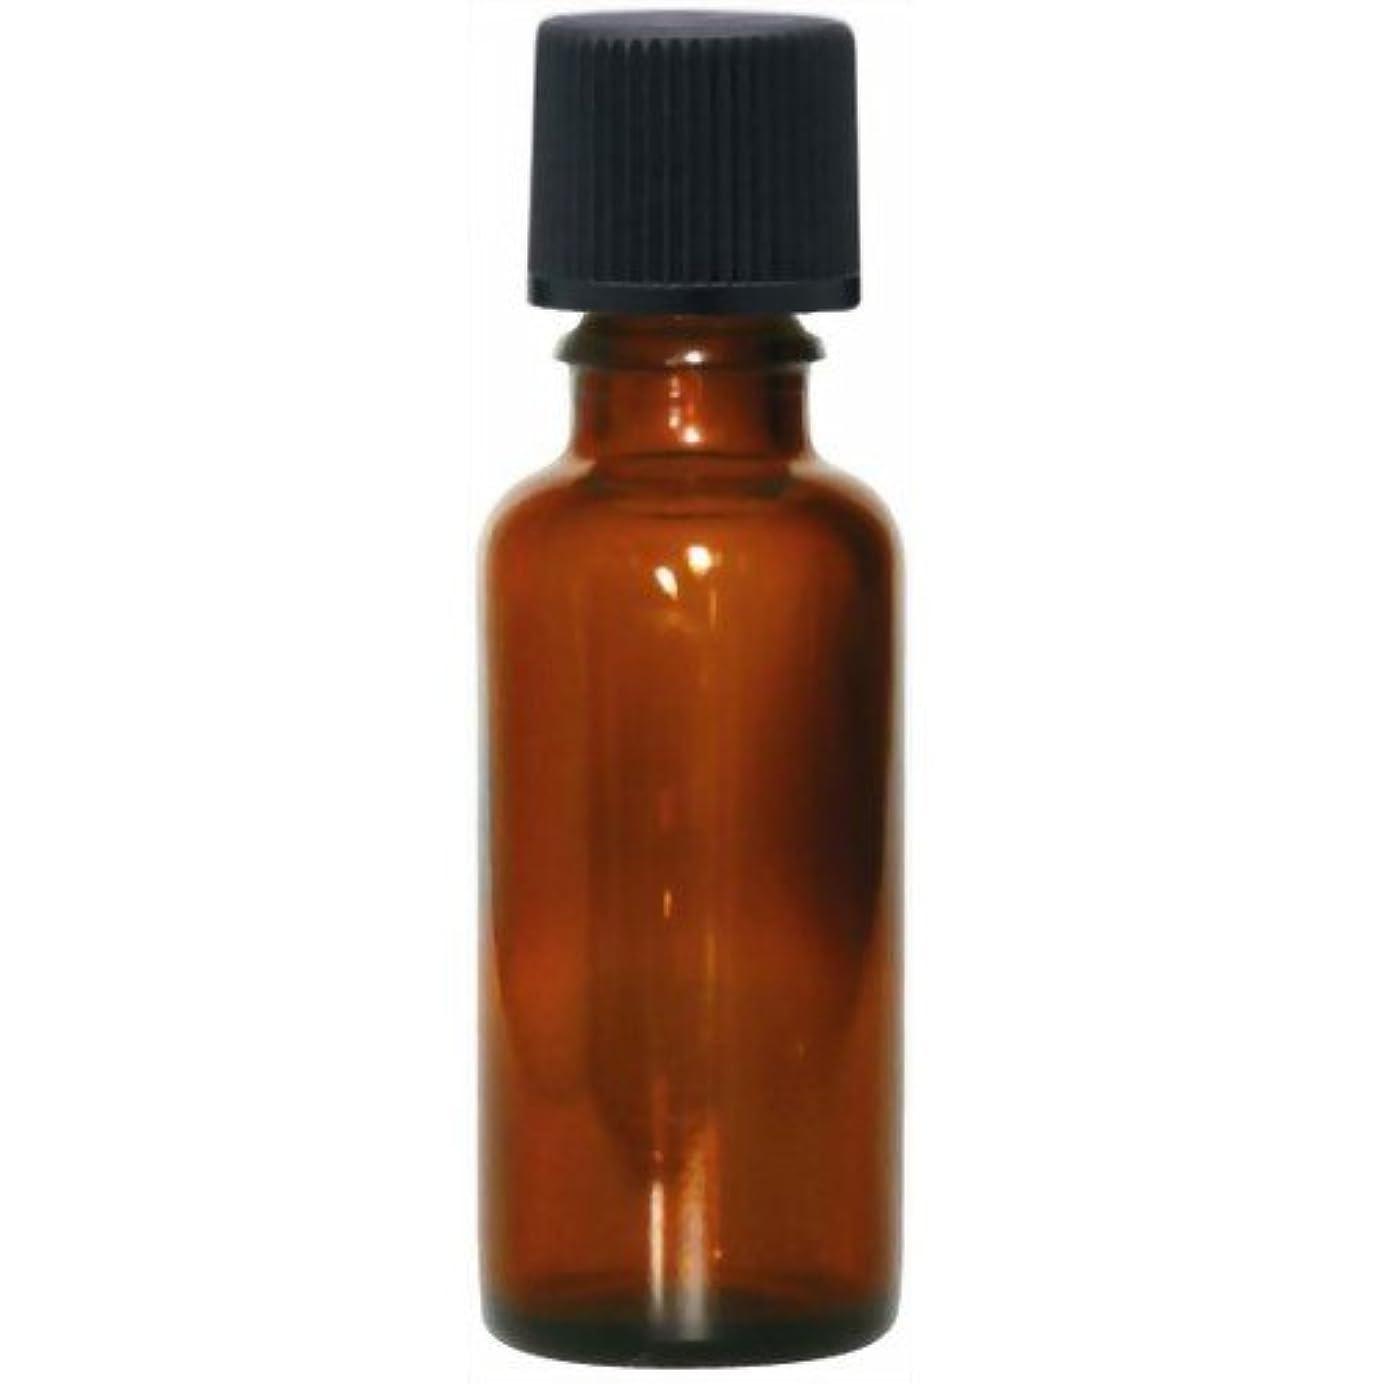 アライアンス電気の宇宙飛行士茶色遮光瓶30ml(黒キャップ)